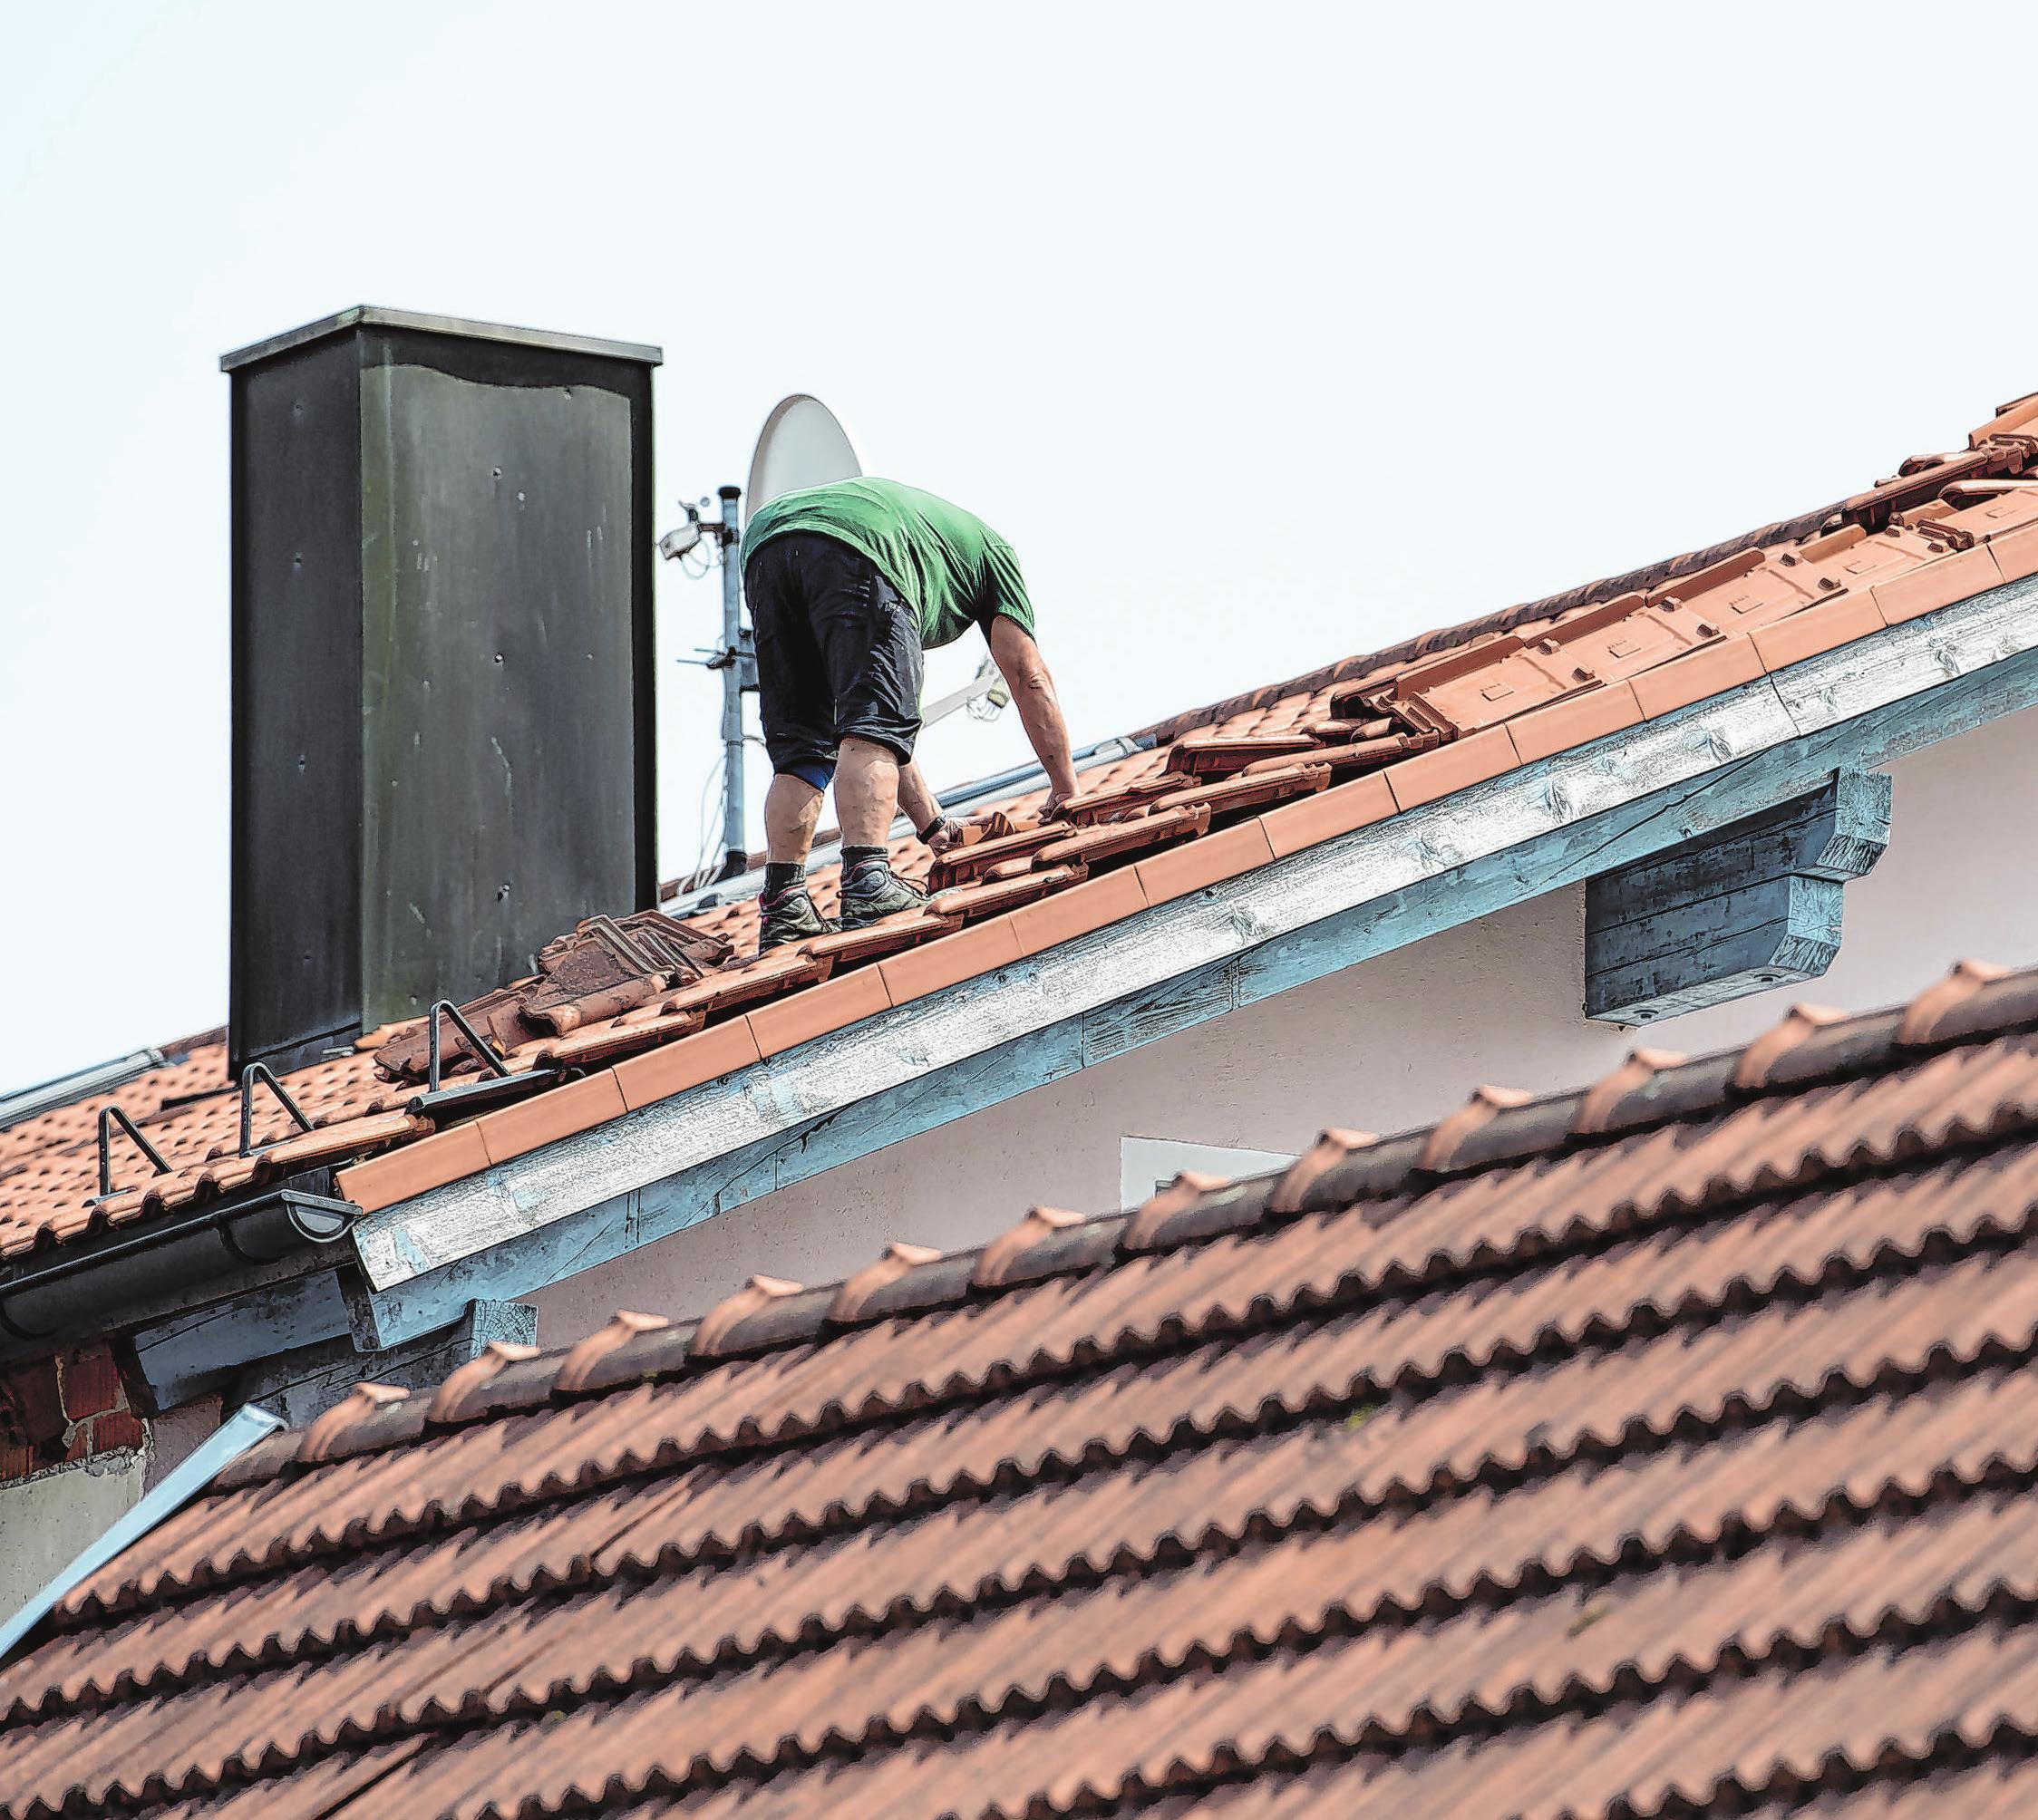 Hausbesitzer sollten das Dach prüfen - denn Stürme oder Gewitter können größere Schäden verursachen. Foto: Sven Hoppe/dpa/dpa-mag